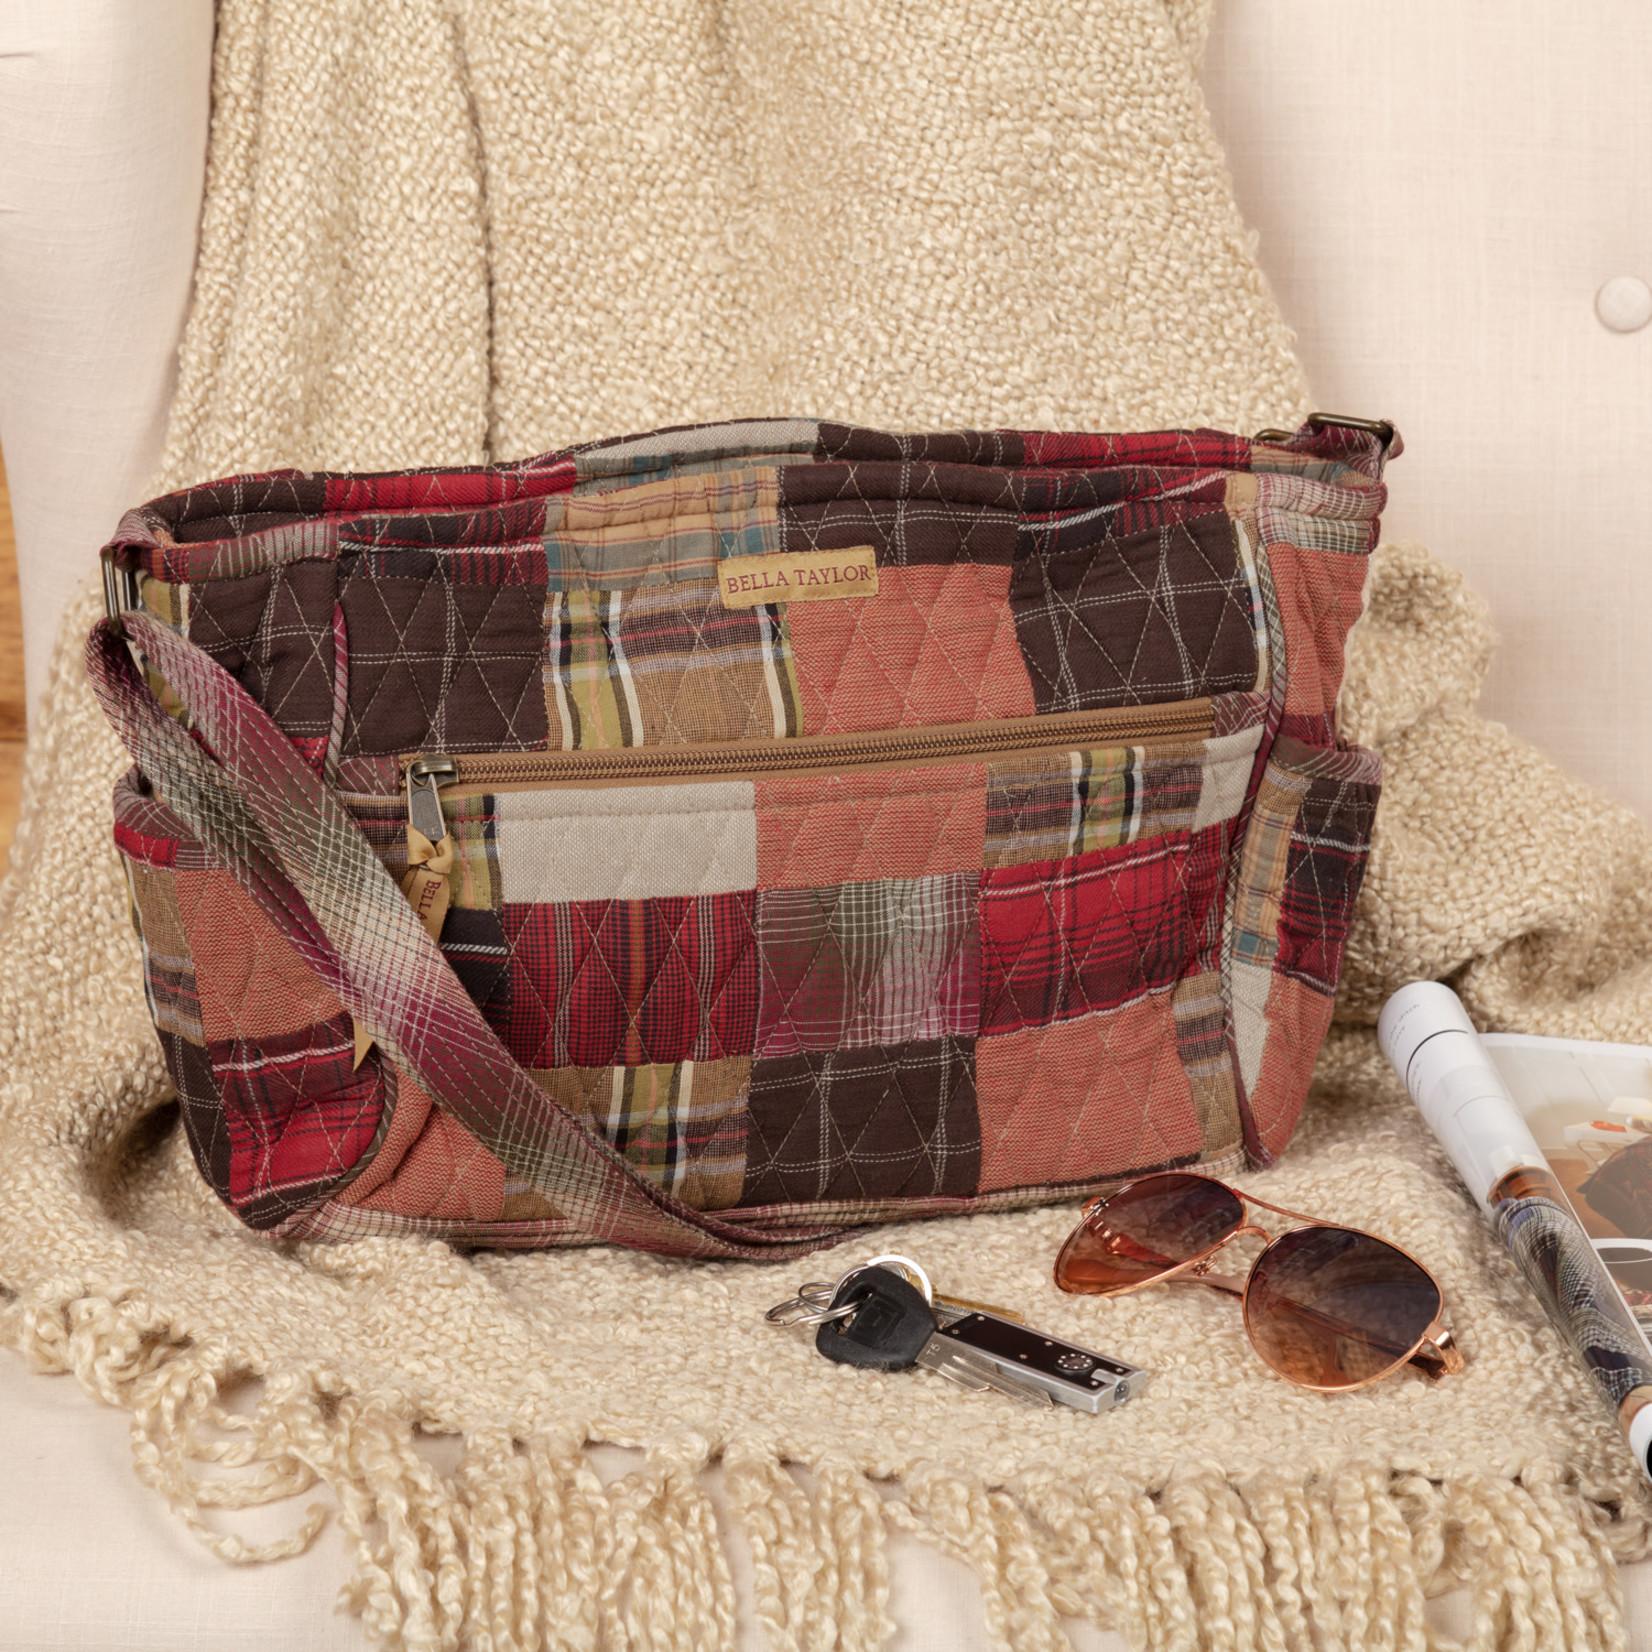 Bella Taylor Wyatt - Claire handbag